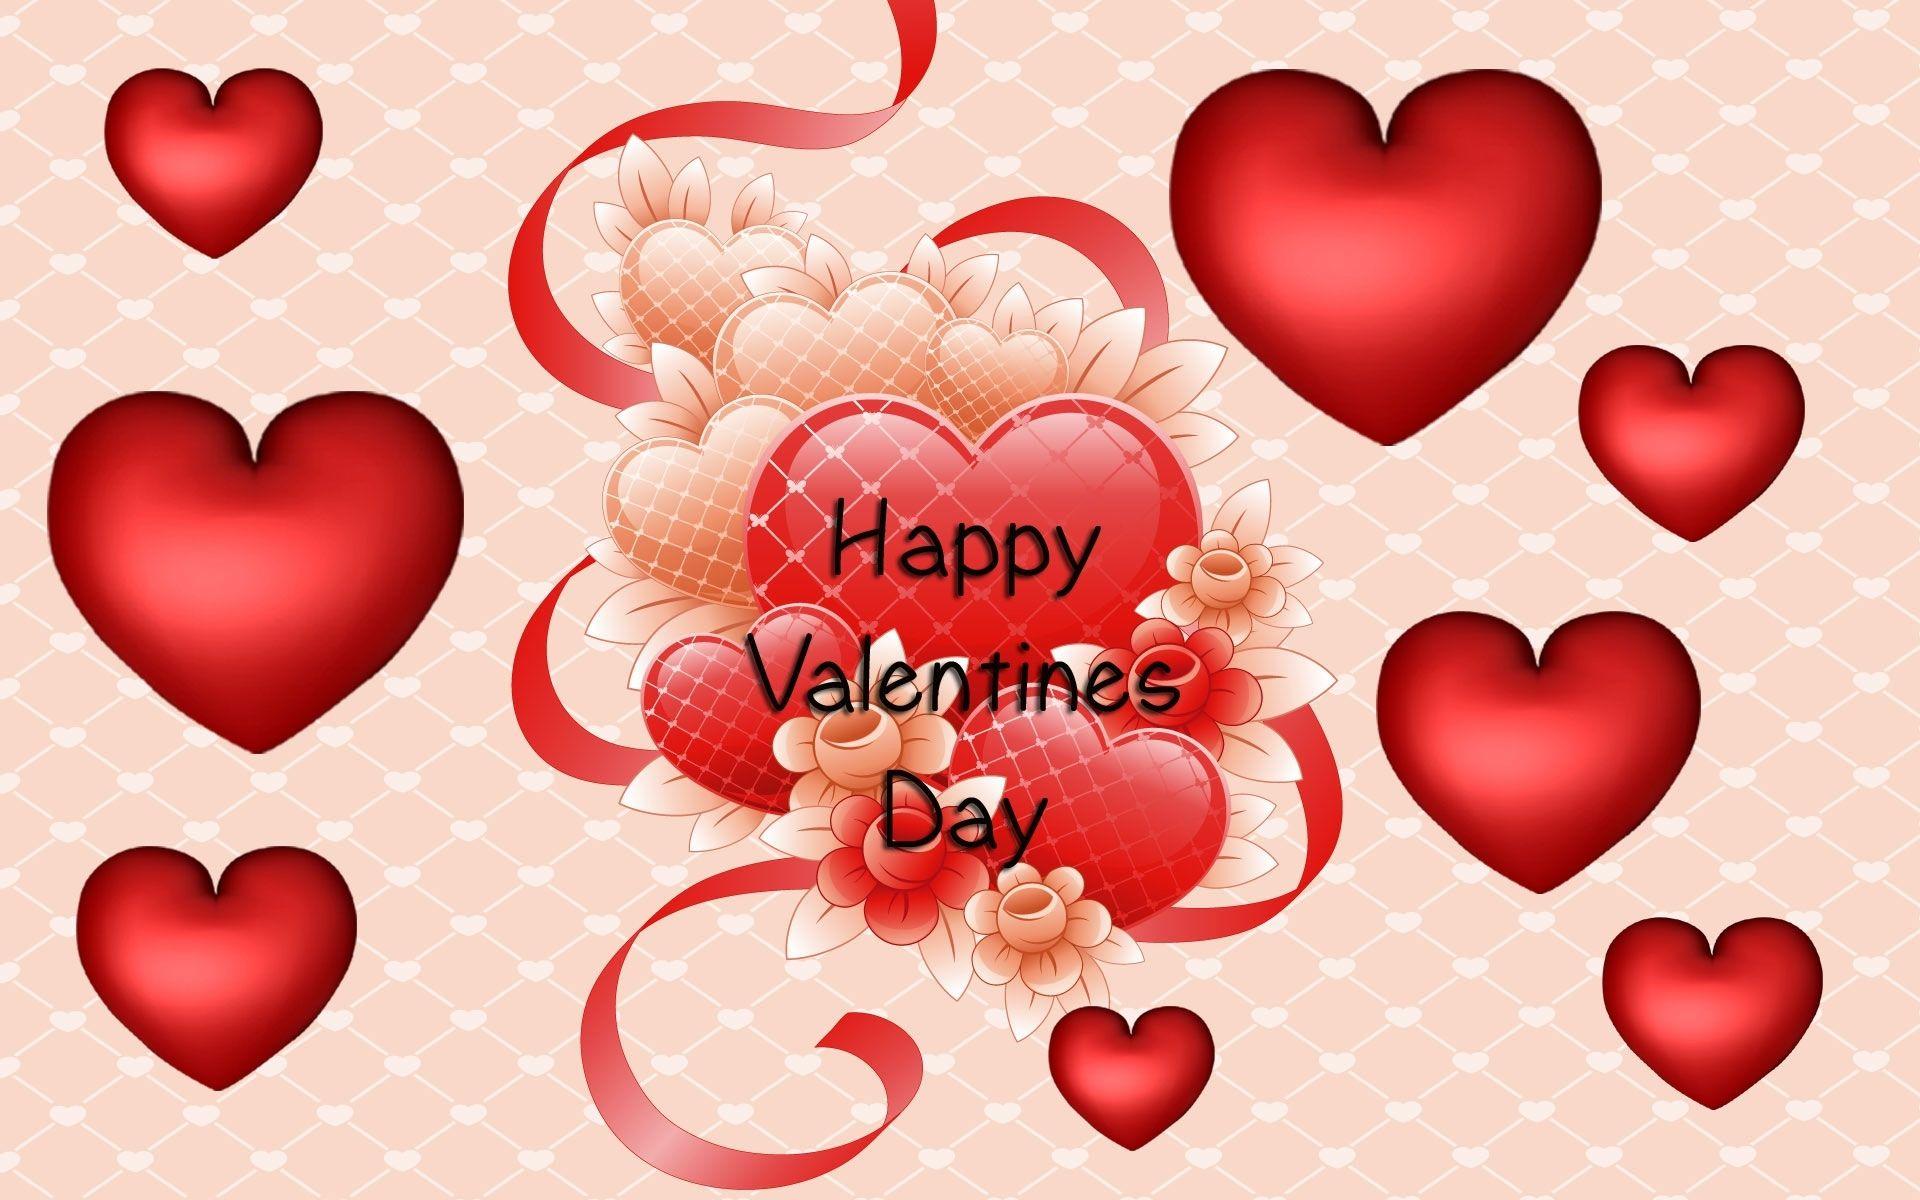 10 New Free Valentine Wallpaper For Desktop Full Hd 1080p For Pc Desktop Free Valentine Wallpaper Valentines Wallpaper Happy Valentines Day Images